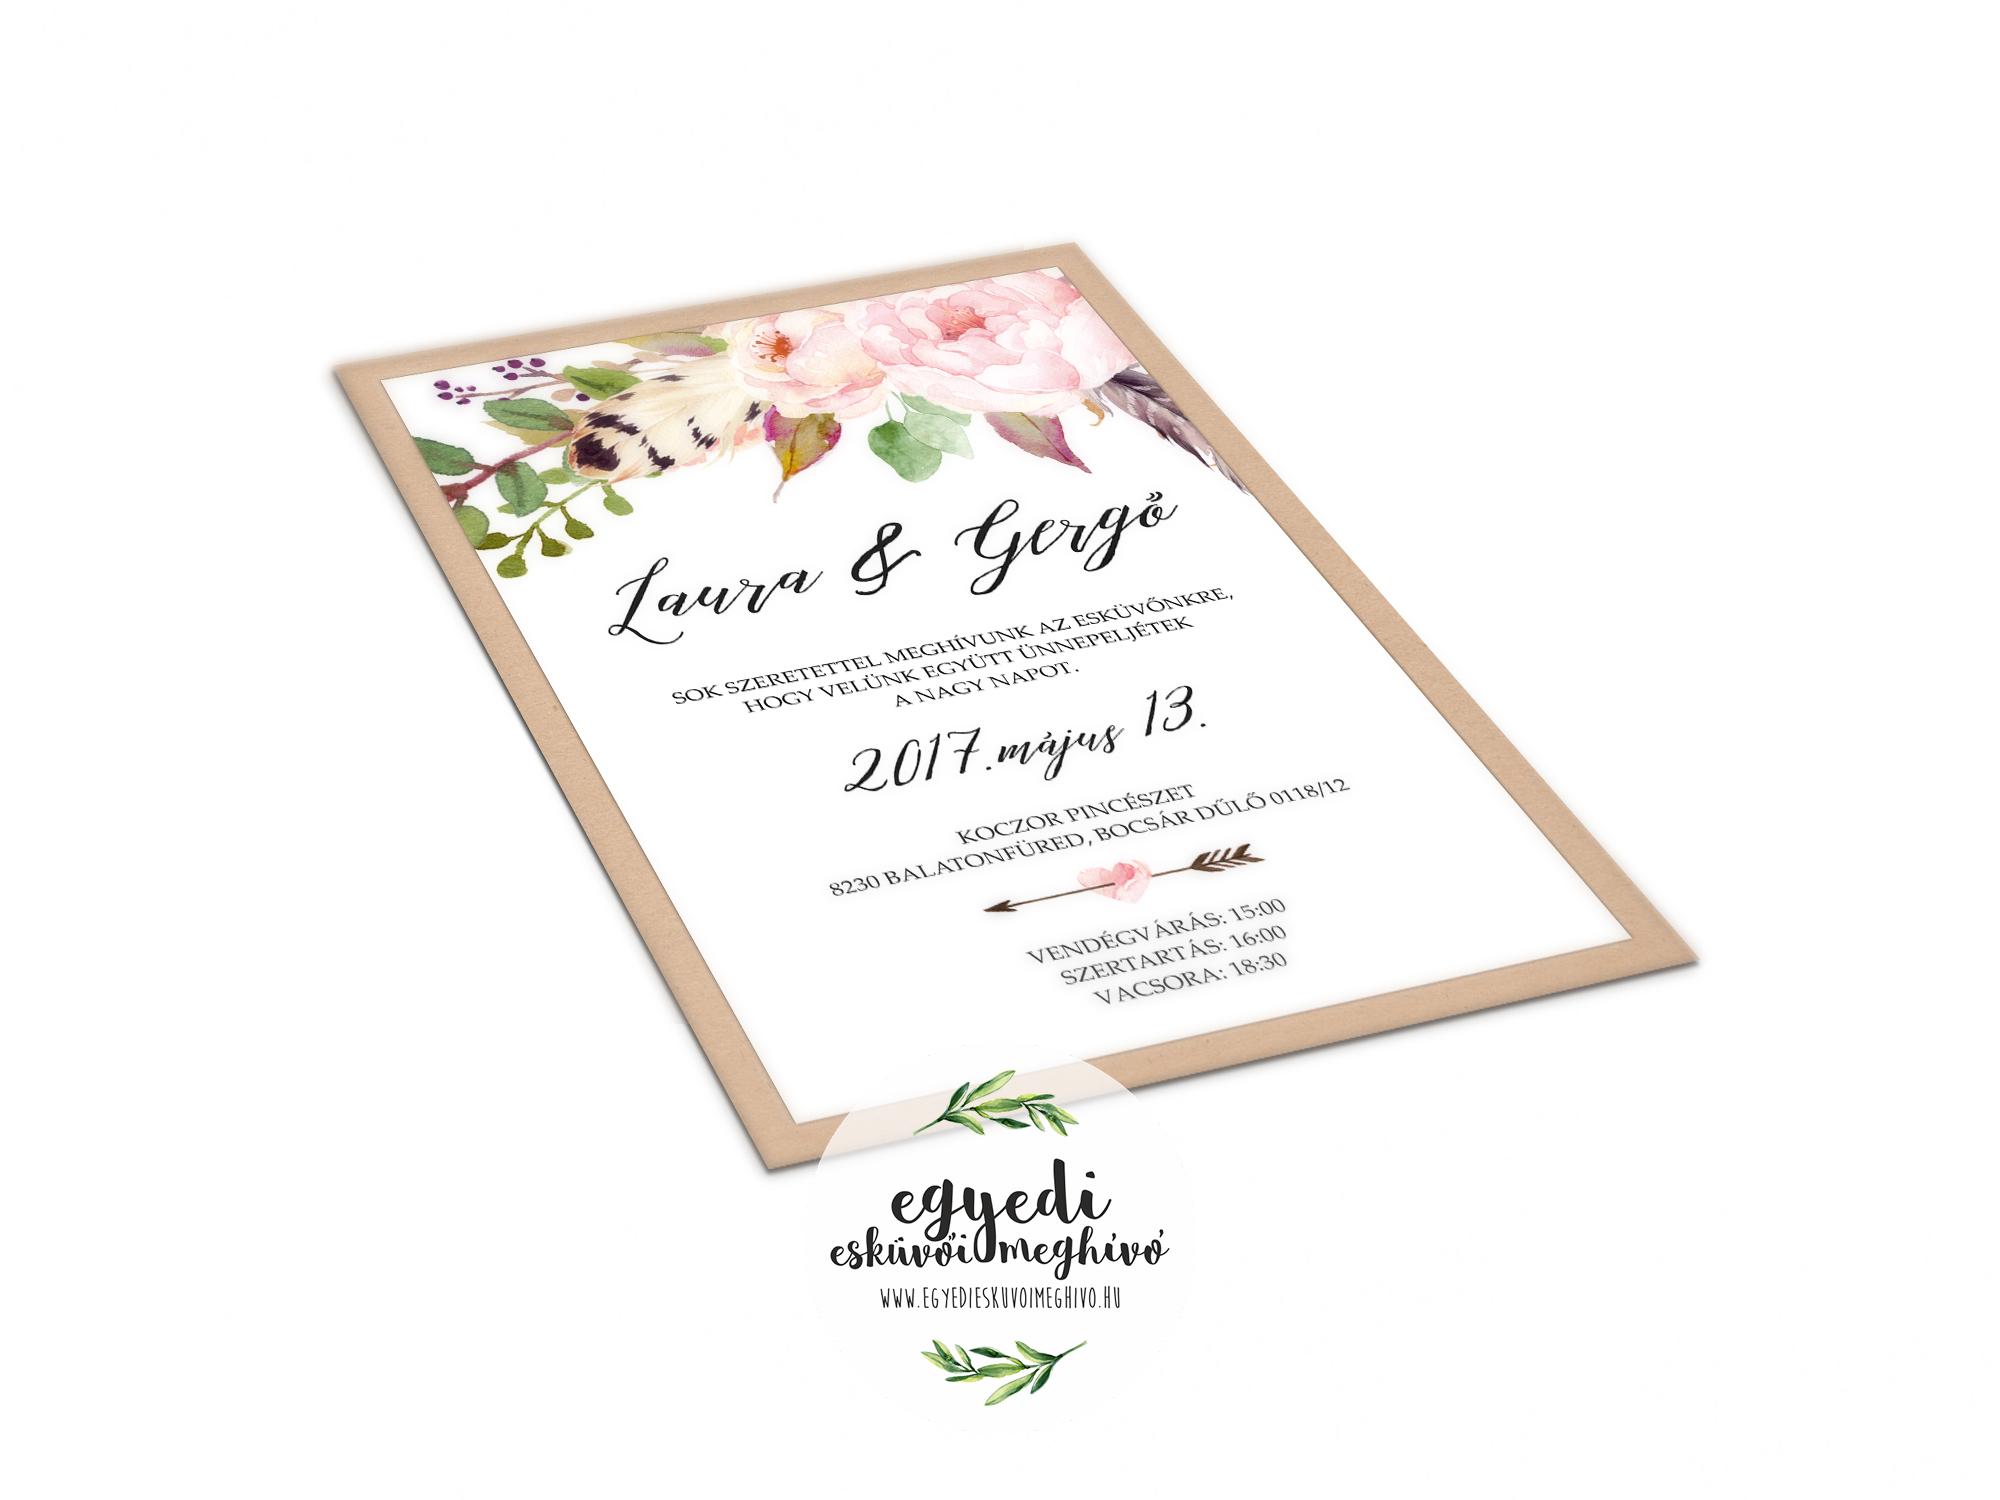 0cf12382d8 Főoldal - Egyedi esküvői meghívó tervezés és készítés